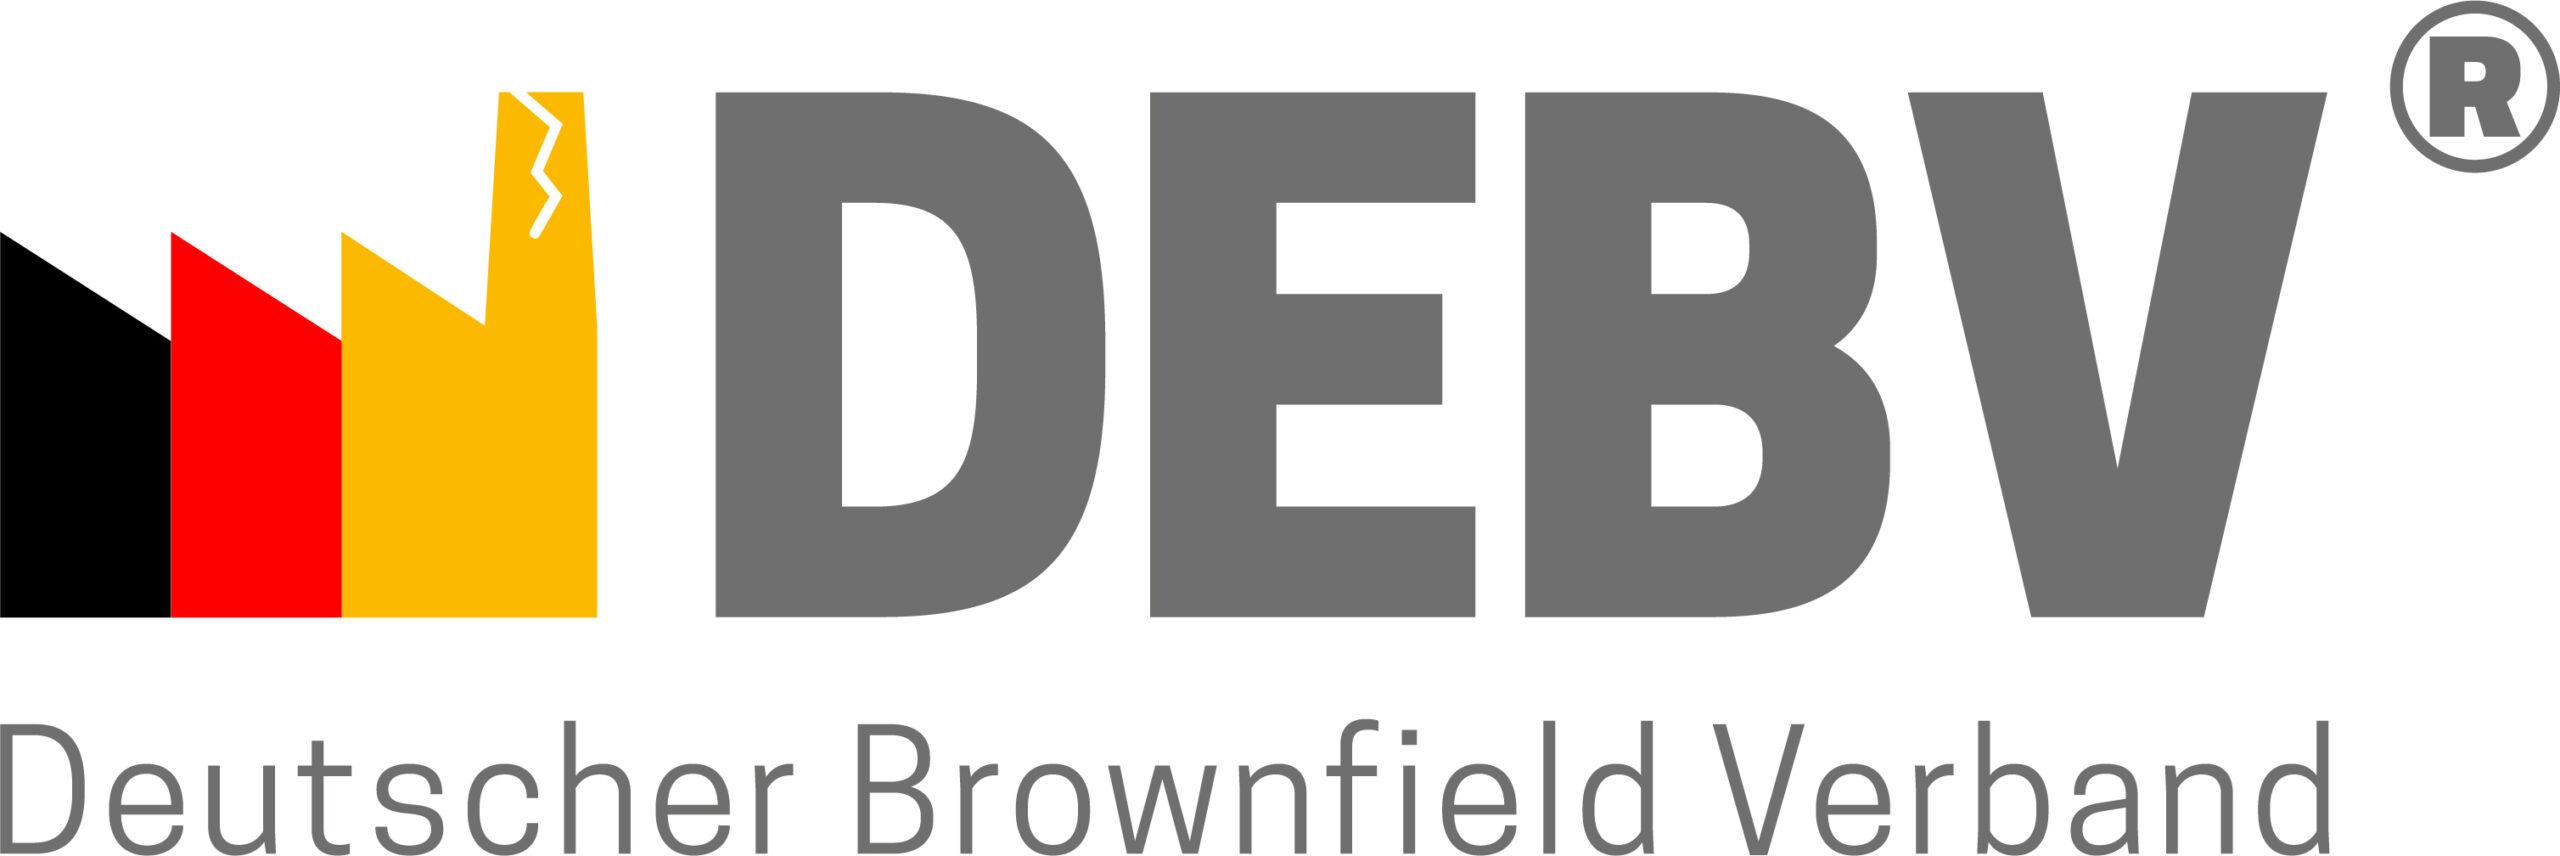 DEBV_logo